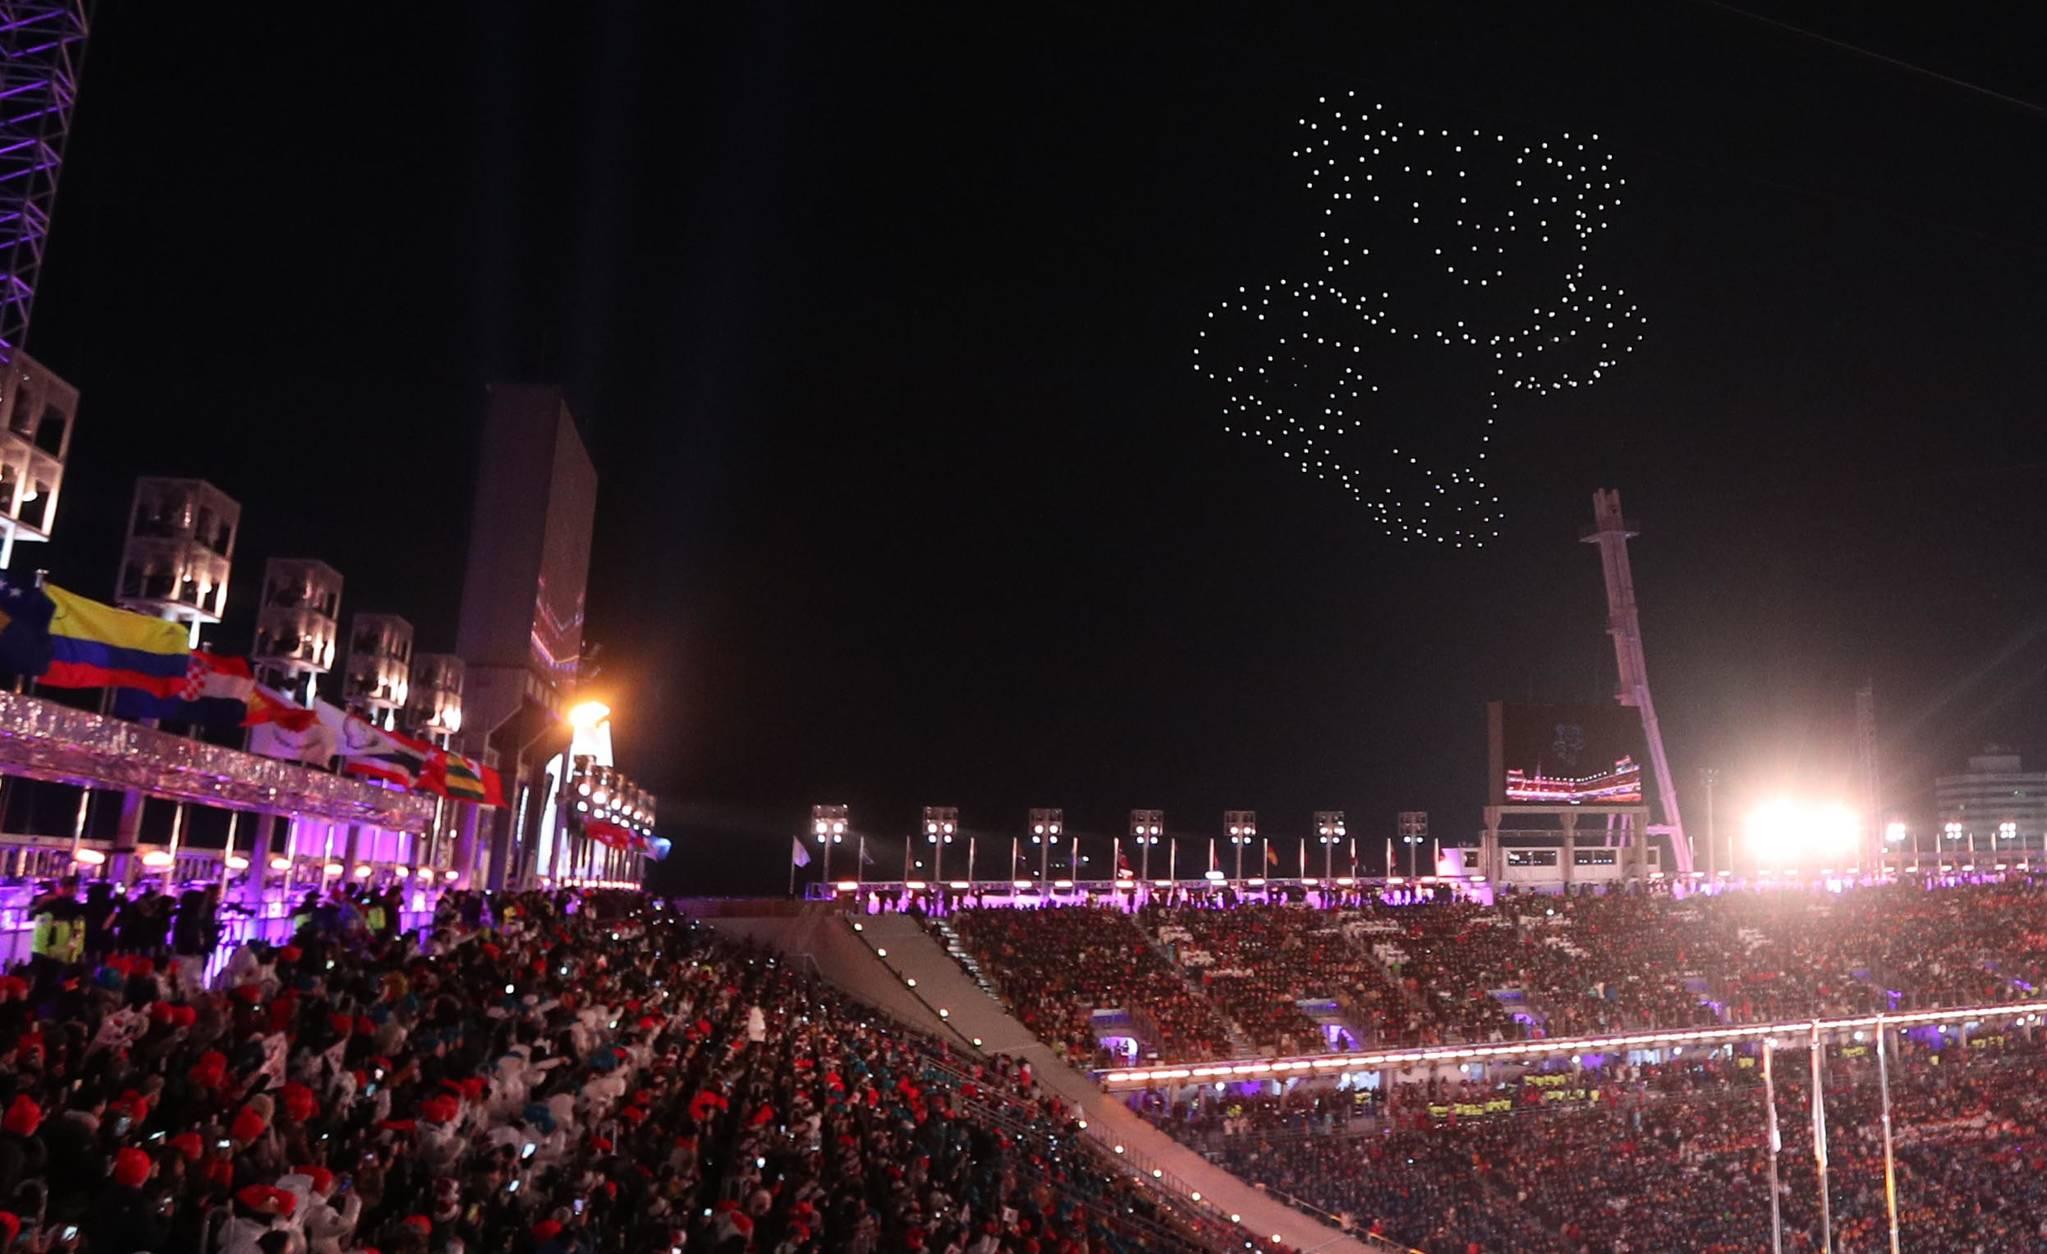 25일 열린 2018 평창 동계올림픽대회 폐회식에서 LED램프를 장착한 드론이 수호랑을 만들고있다.